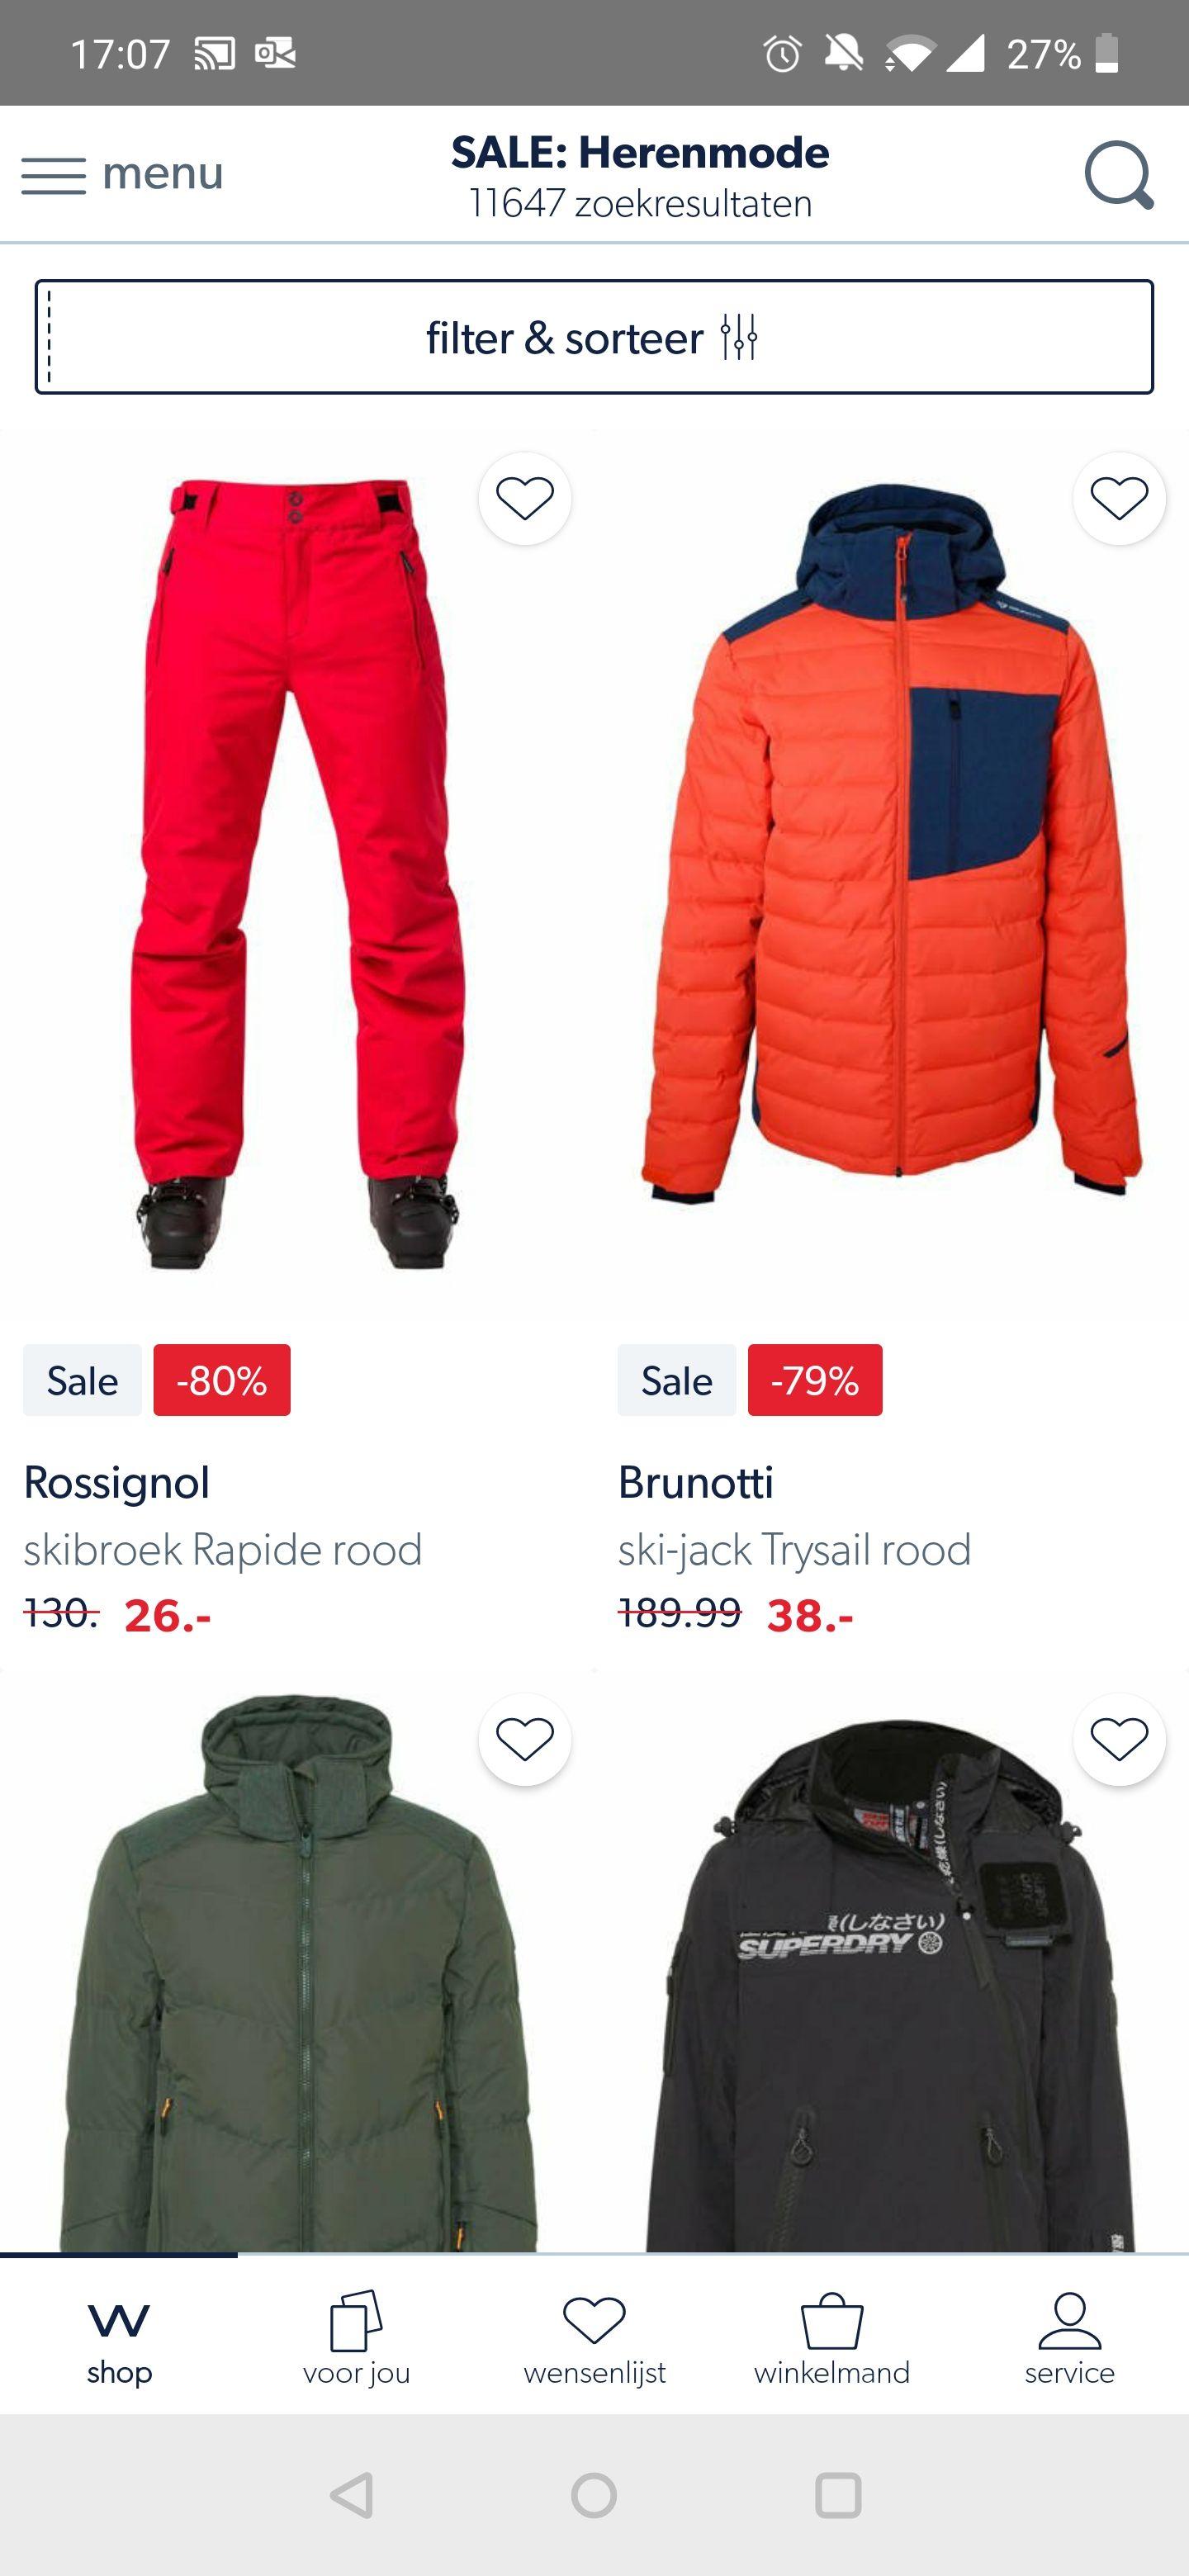 Hoge kortingen op ski kleding bij Wehkamp!